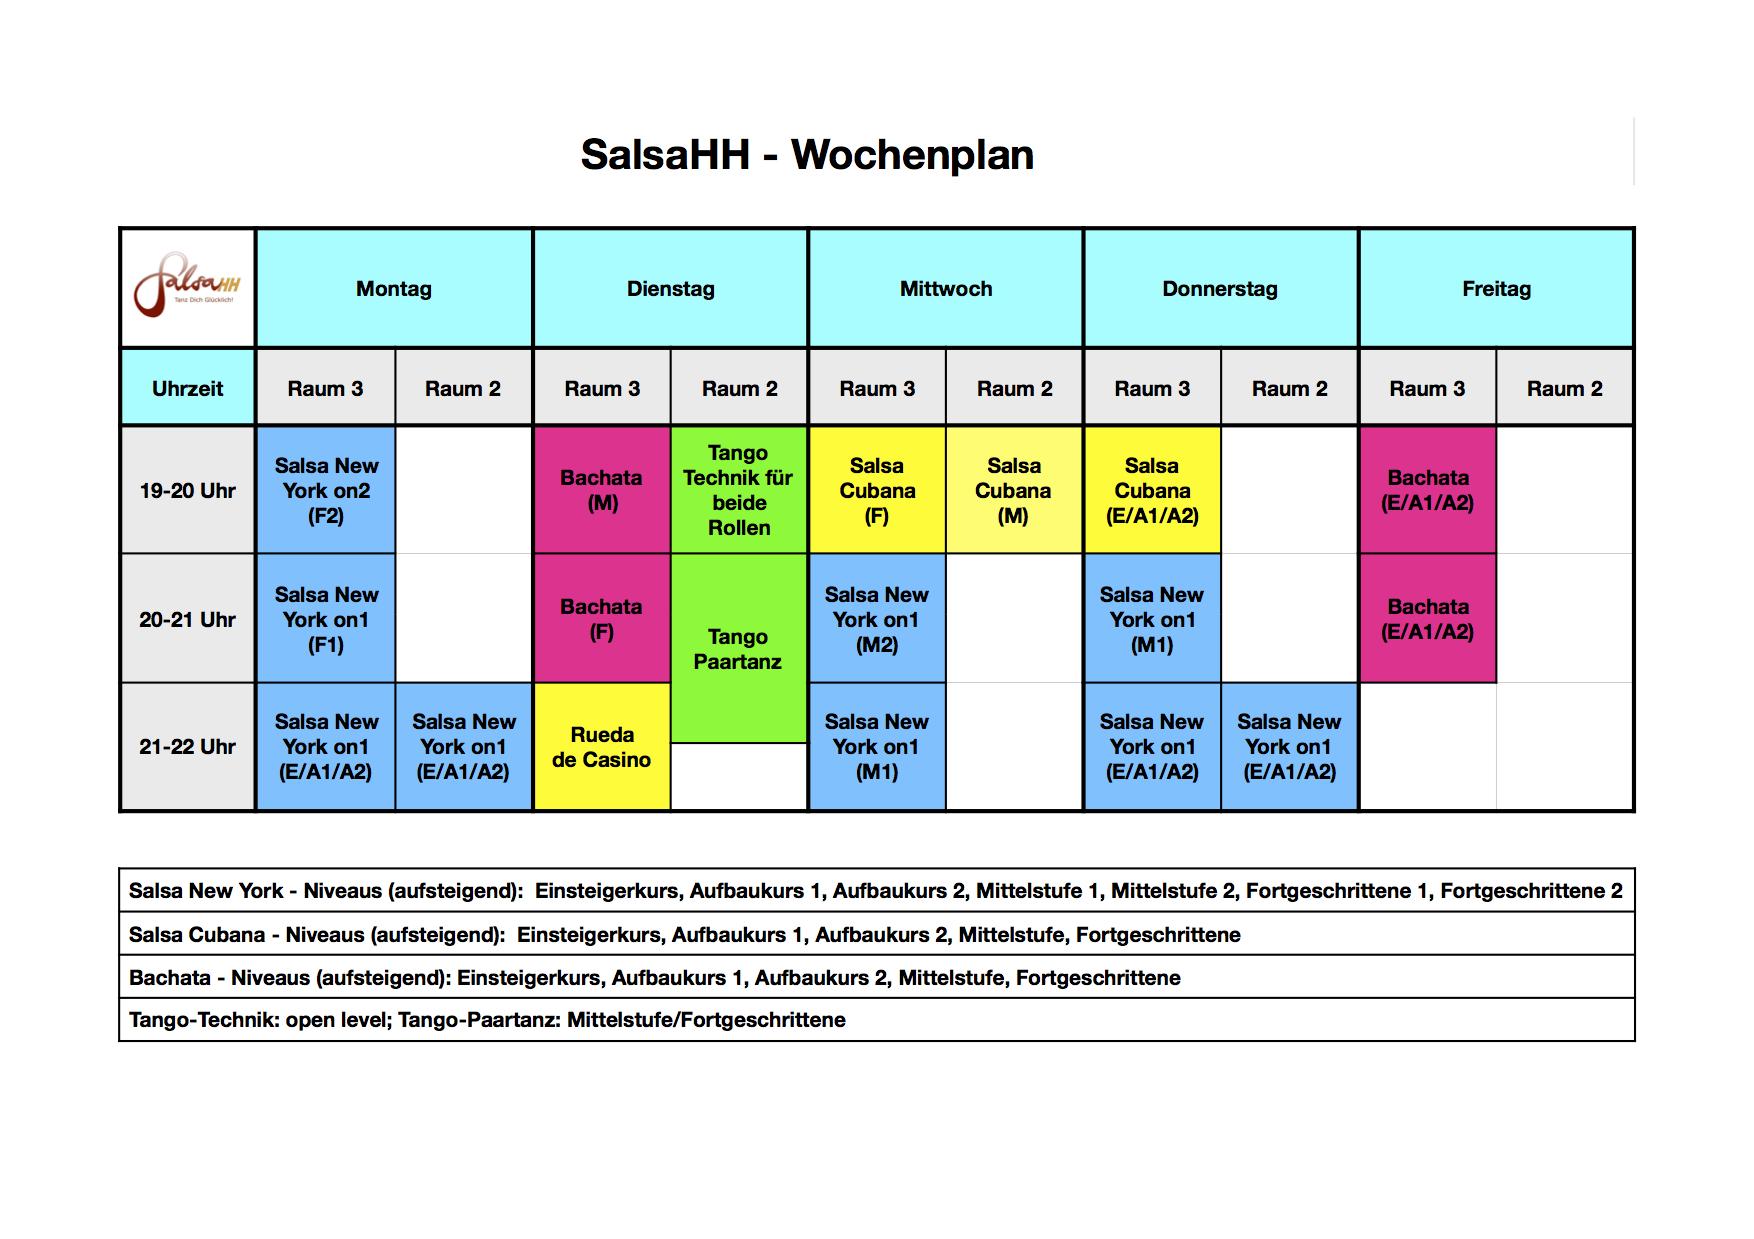 SalsaHH-Wochenplan (Stand 10.2020)